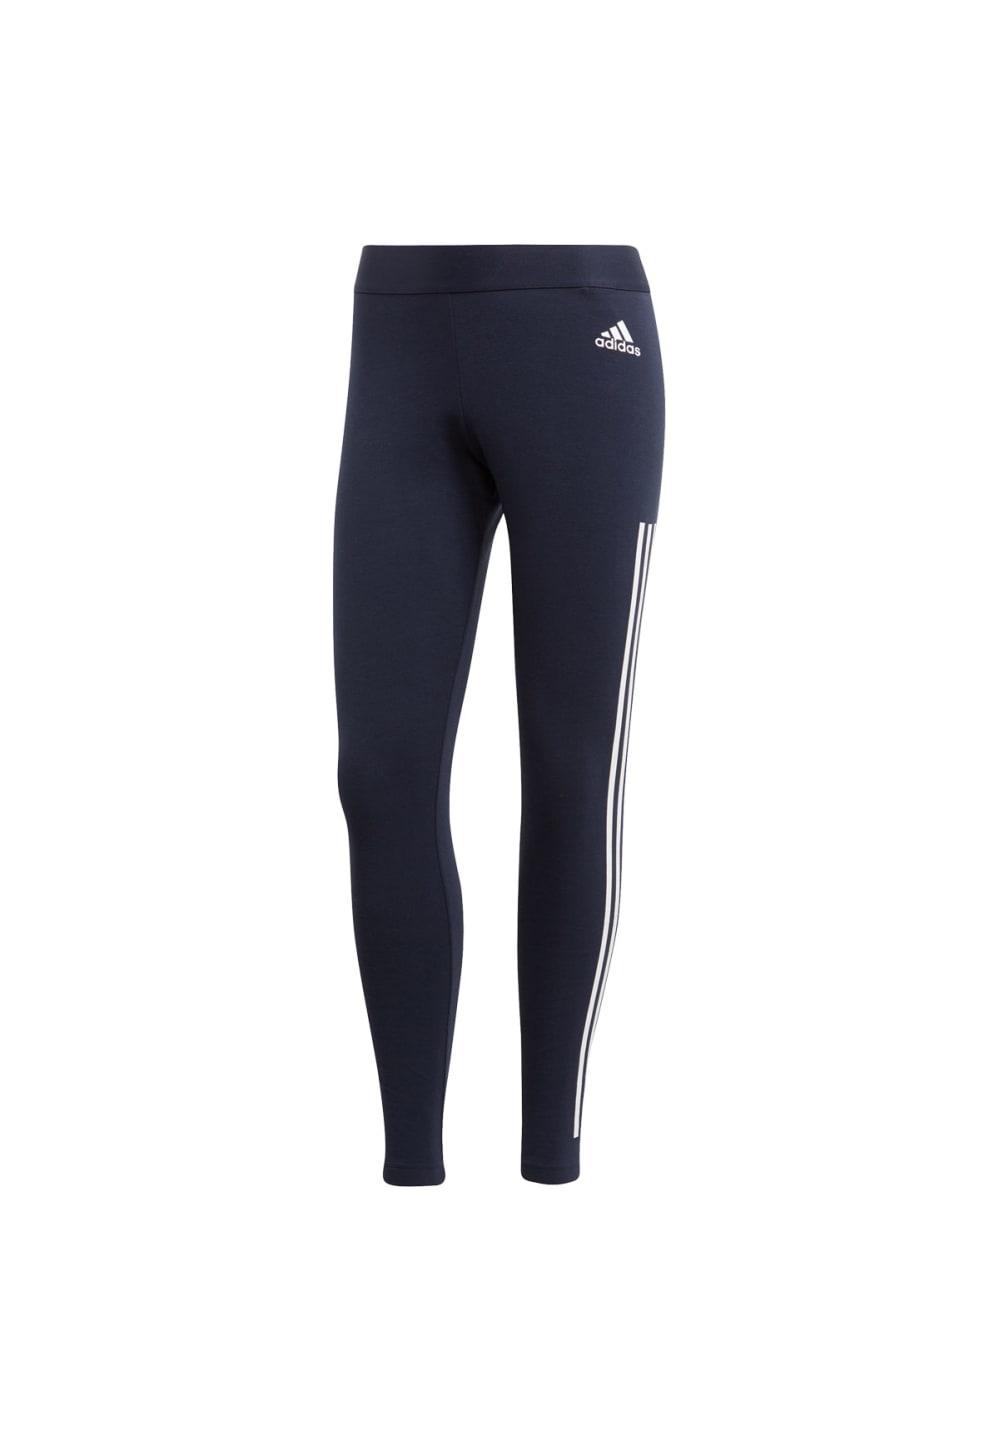 Sportmode für Frauen - adidas Must Haves 3 Stripes Tight Fitnesshosen für Damen Schwarz  - Onlineshop 21Run